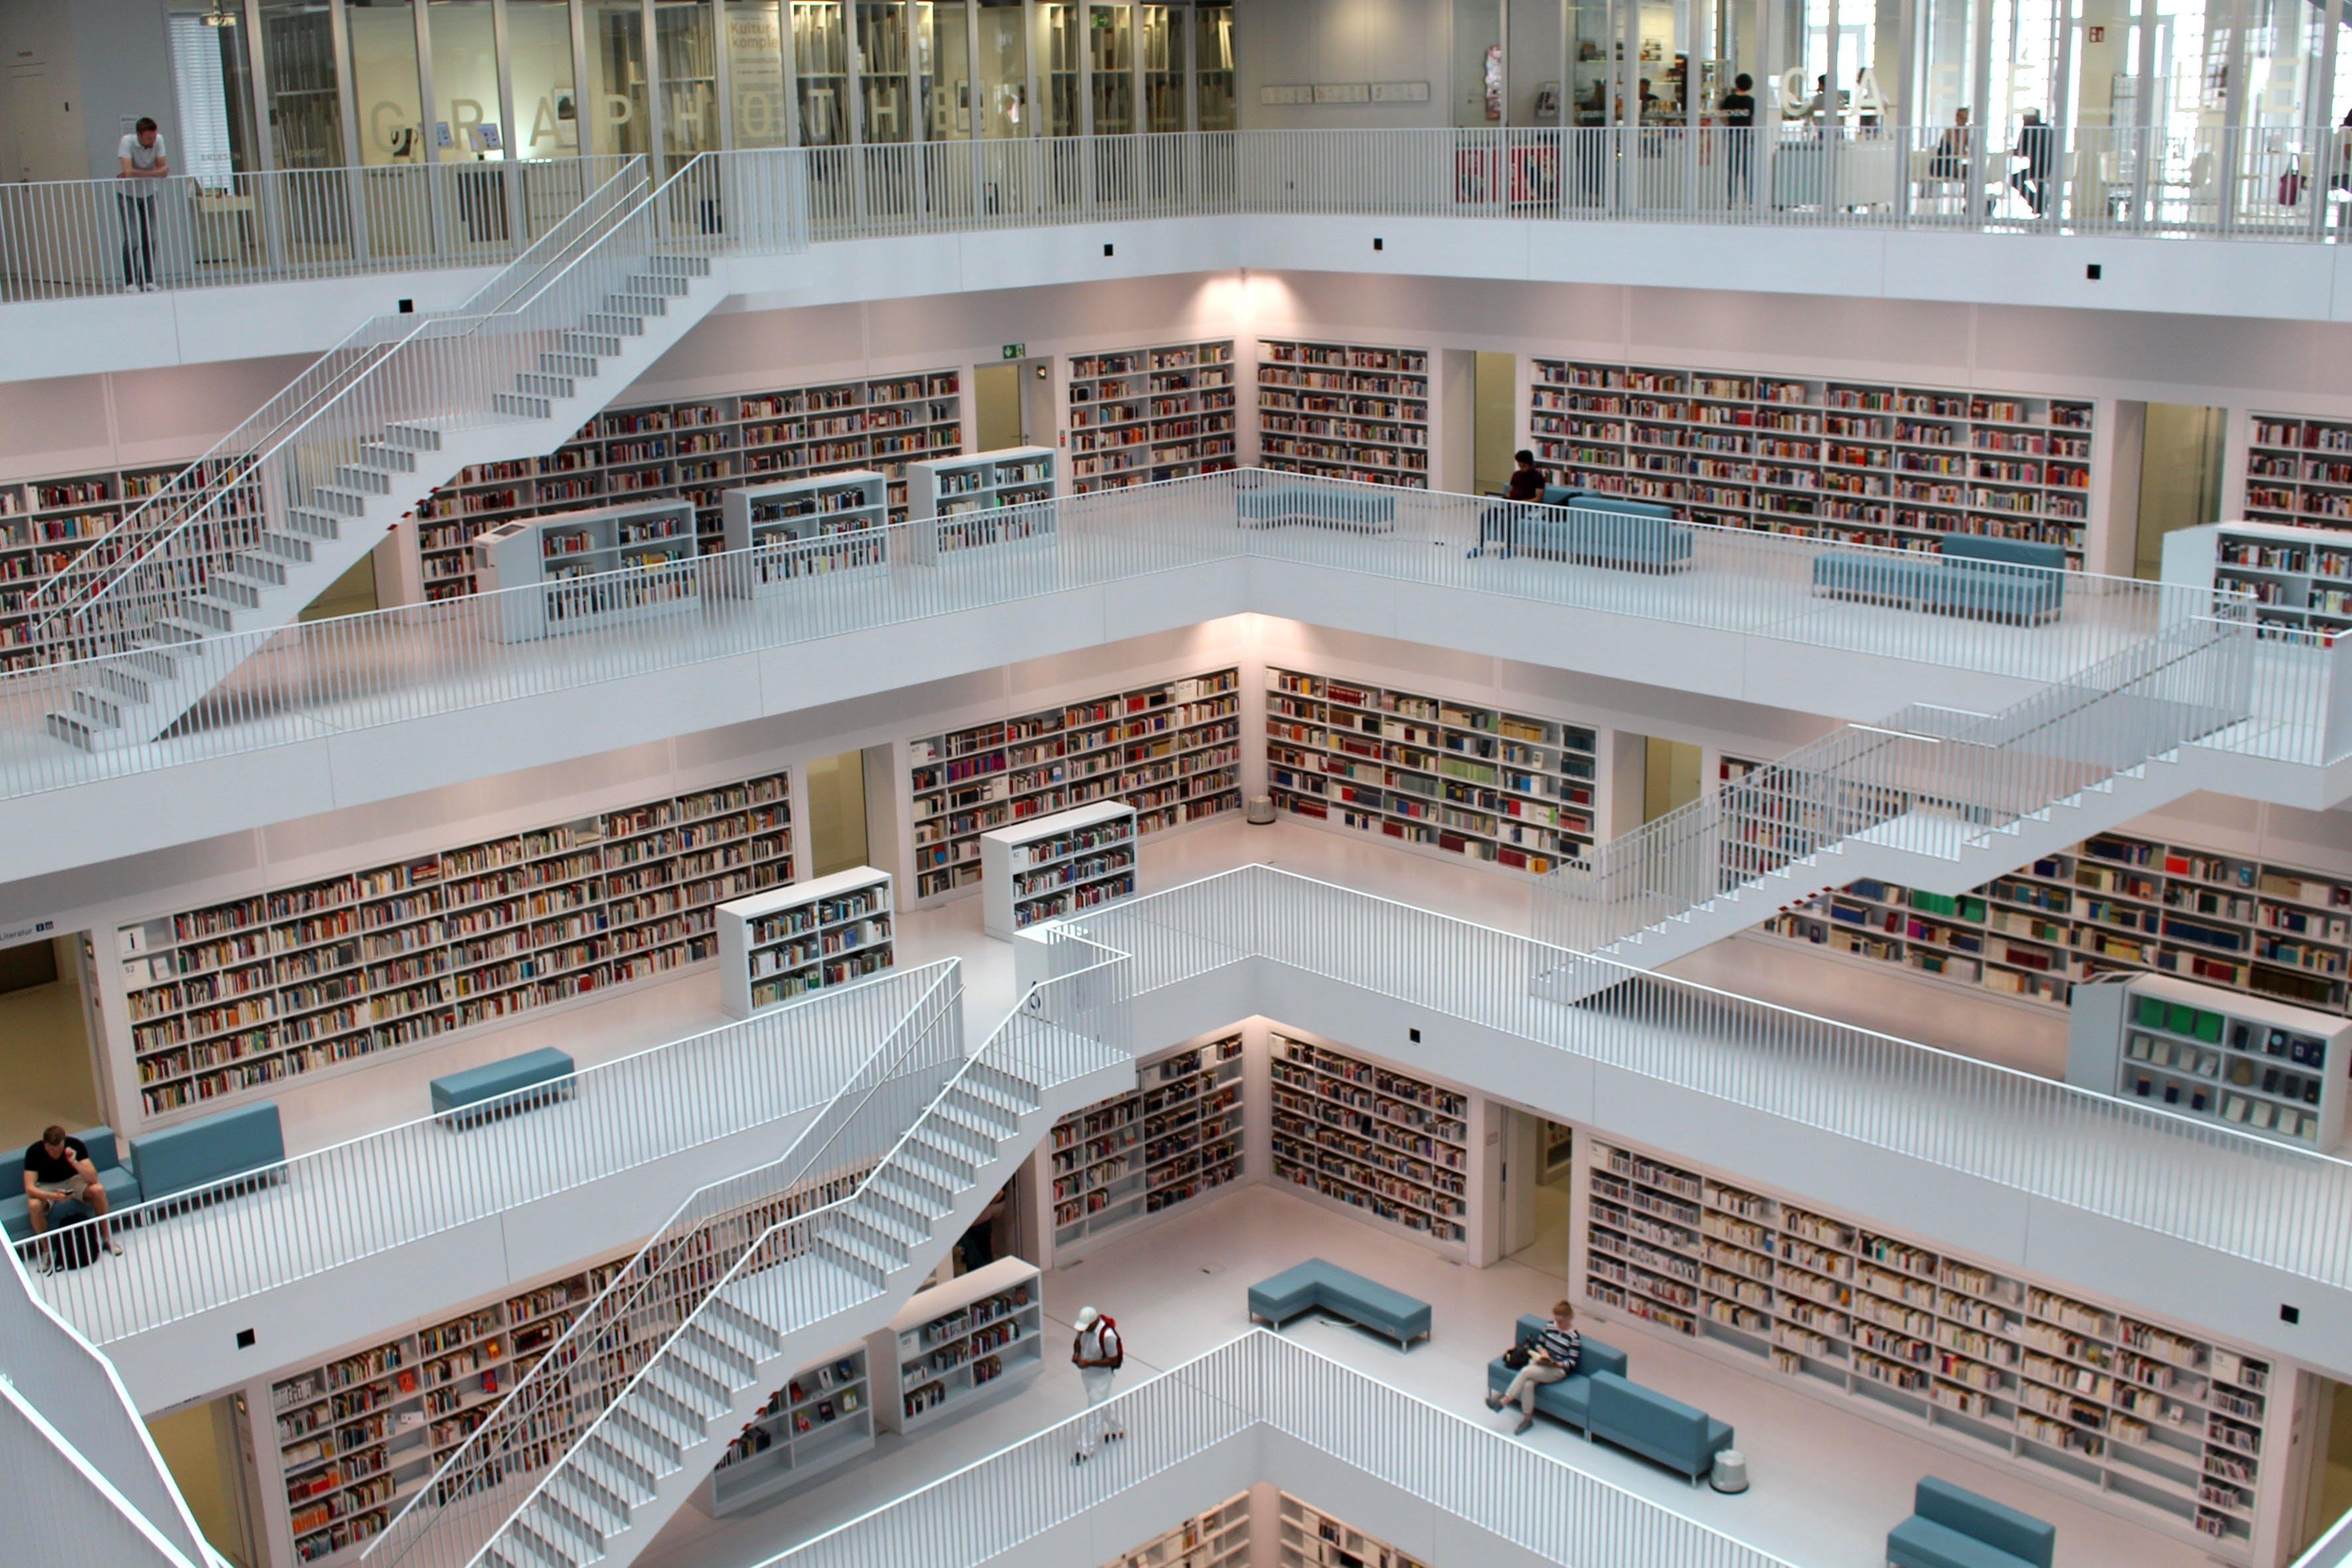 architecture, books, building